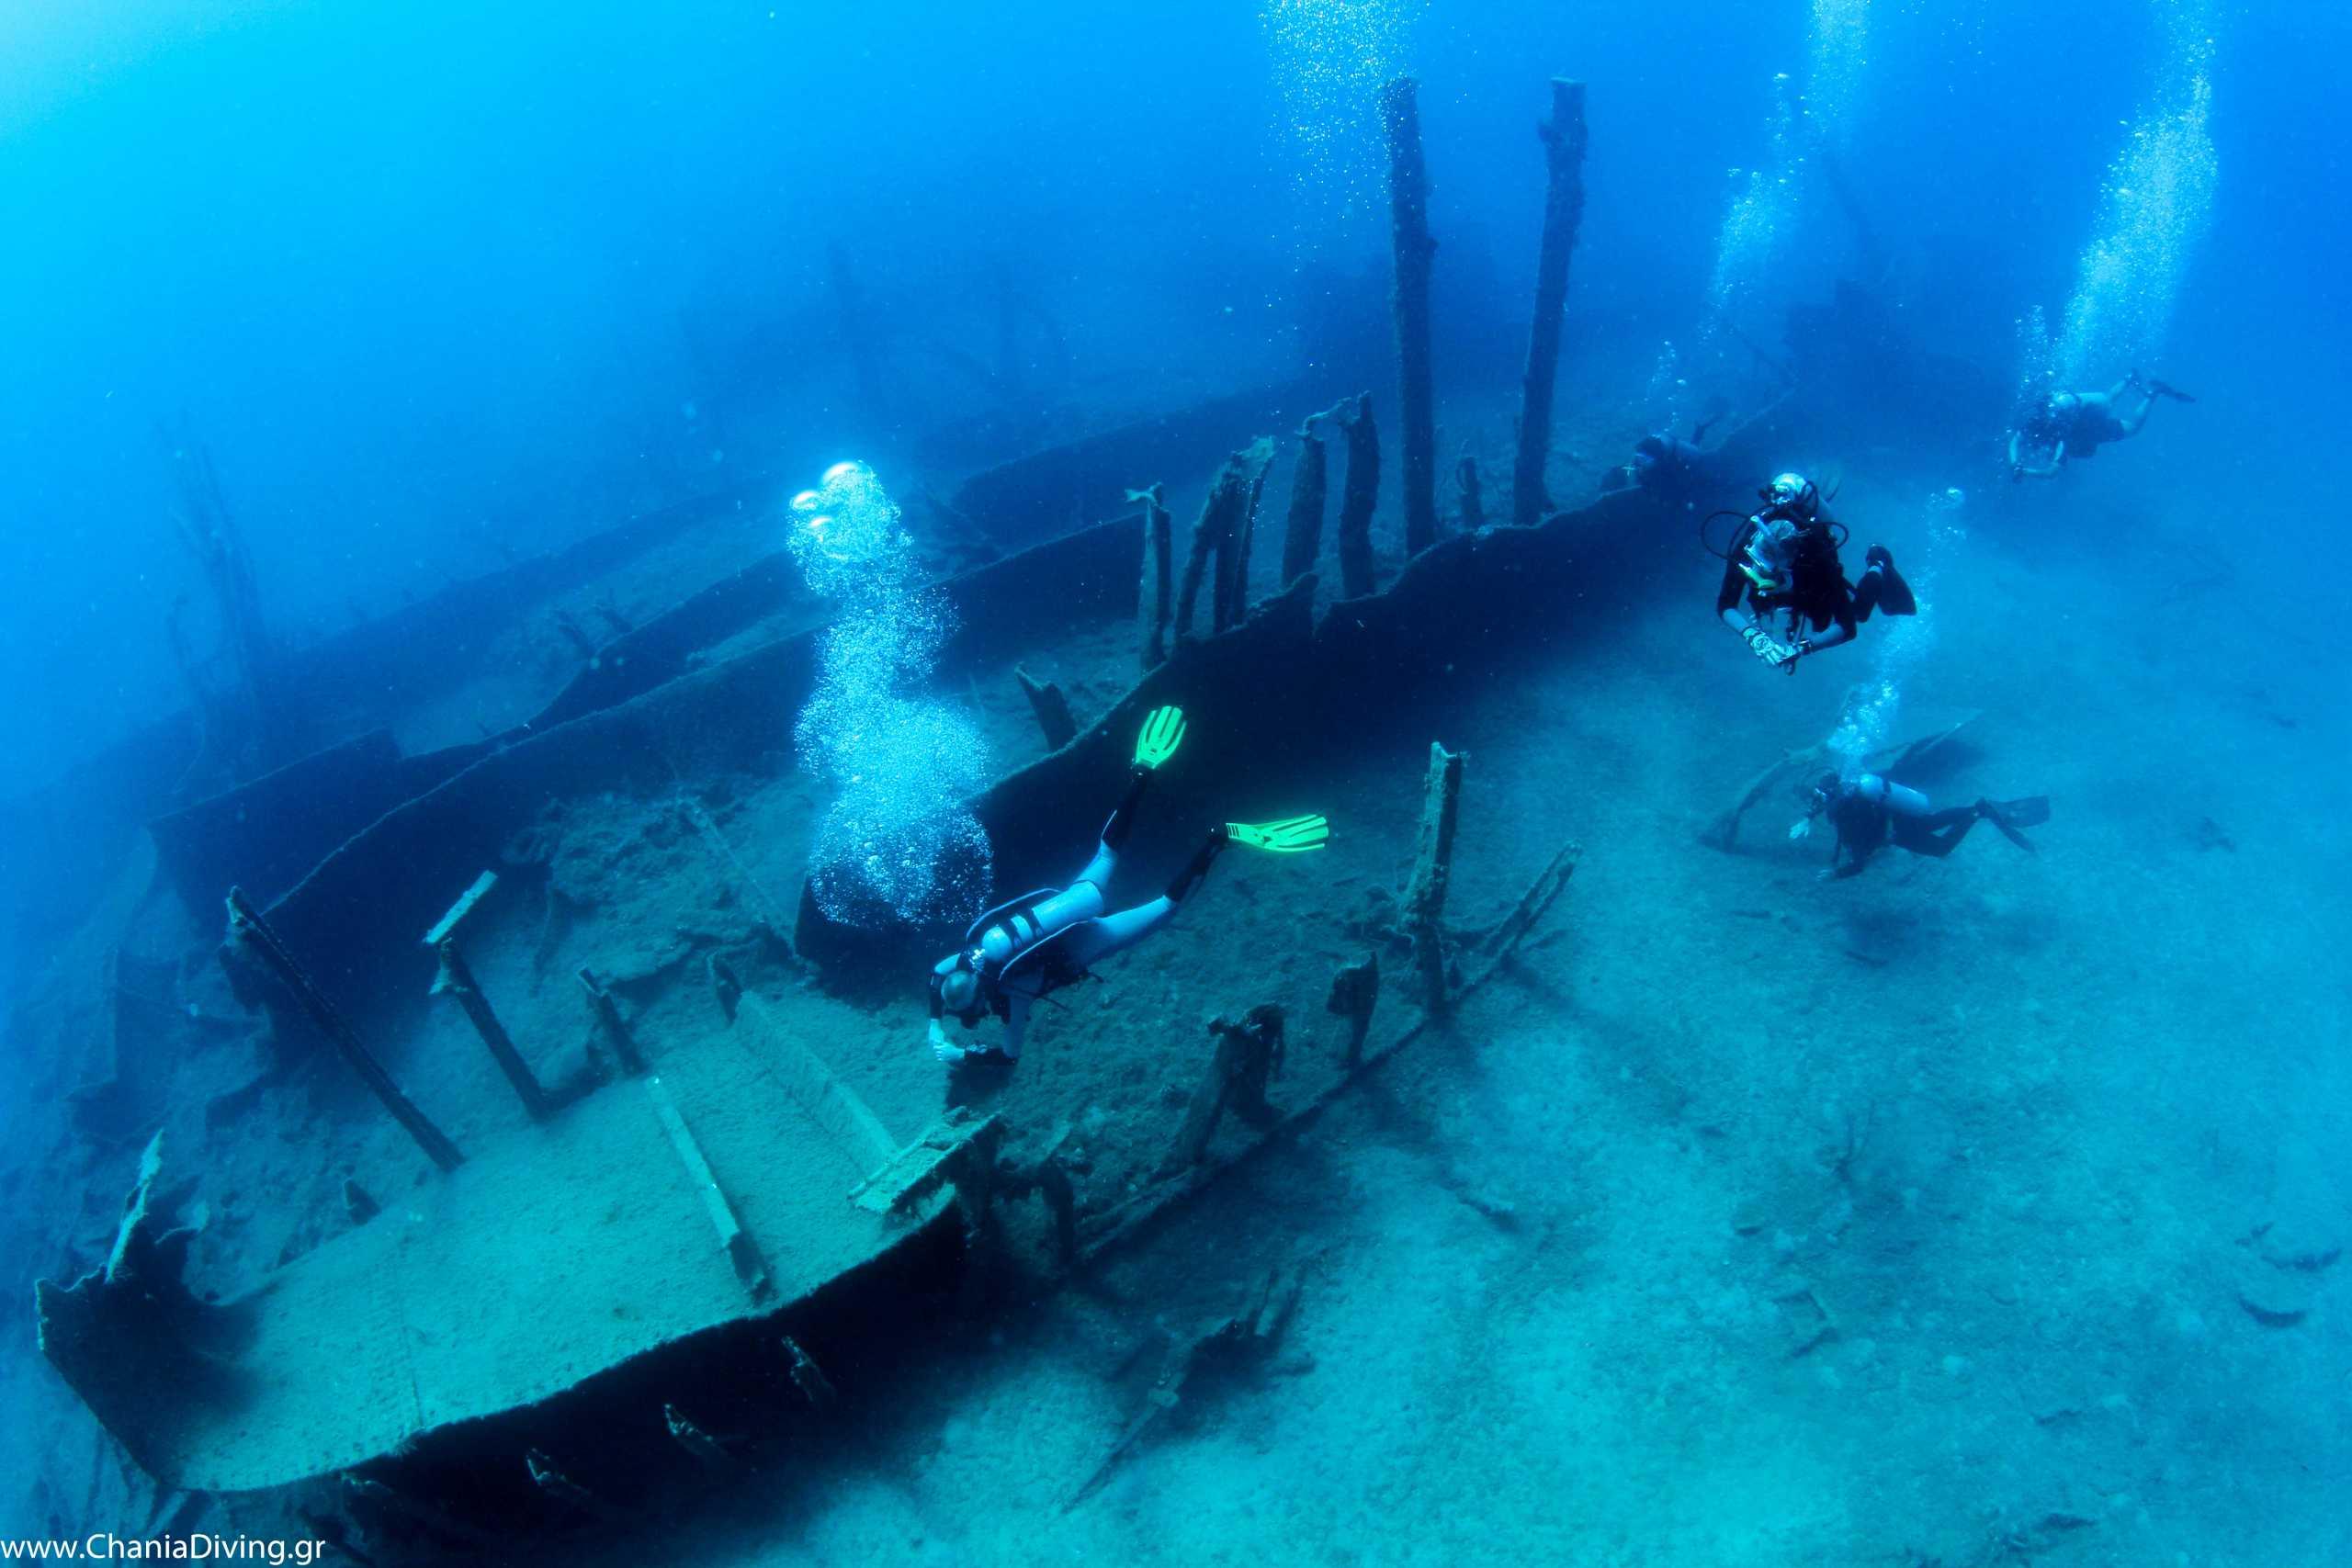 Πράσινο φως από το ΥΠΠΟΑ για καταδύσεις σε 91 ιστορικά ναυάγια – Συγκλονιστικές εικόνες